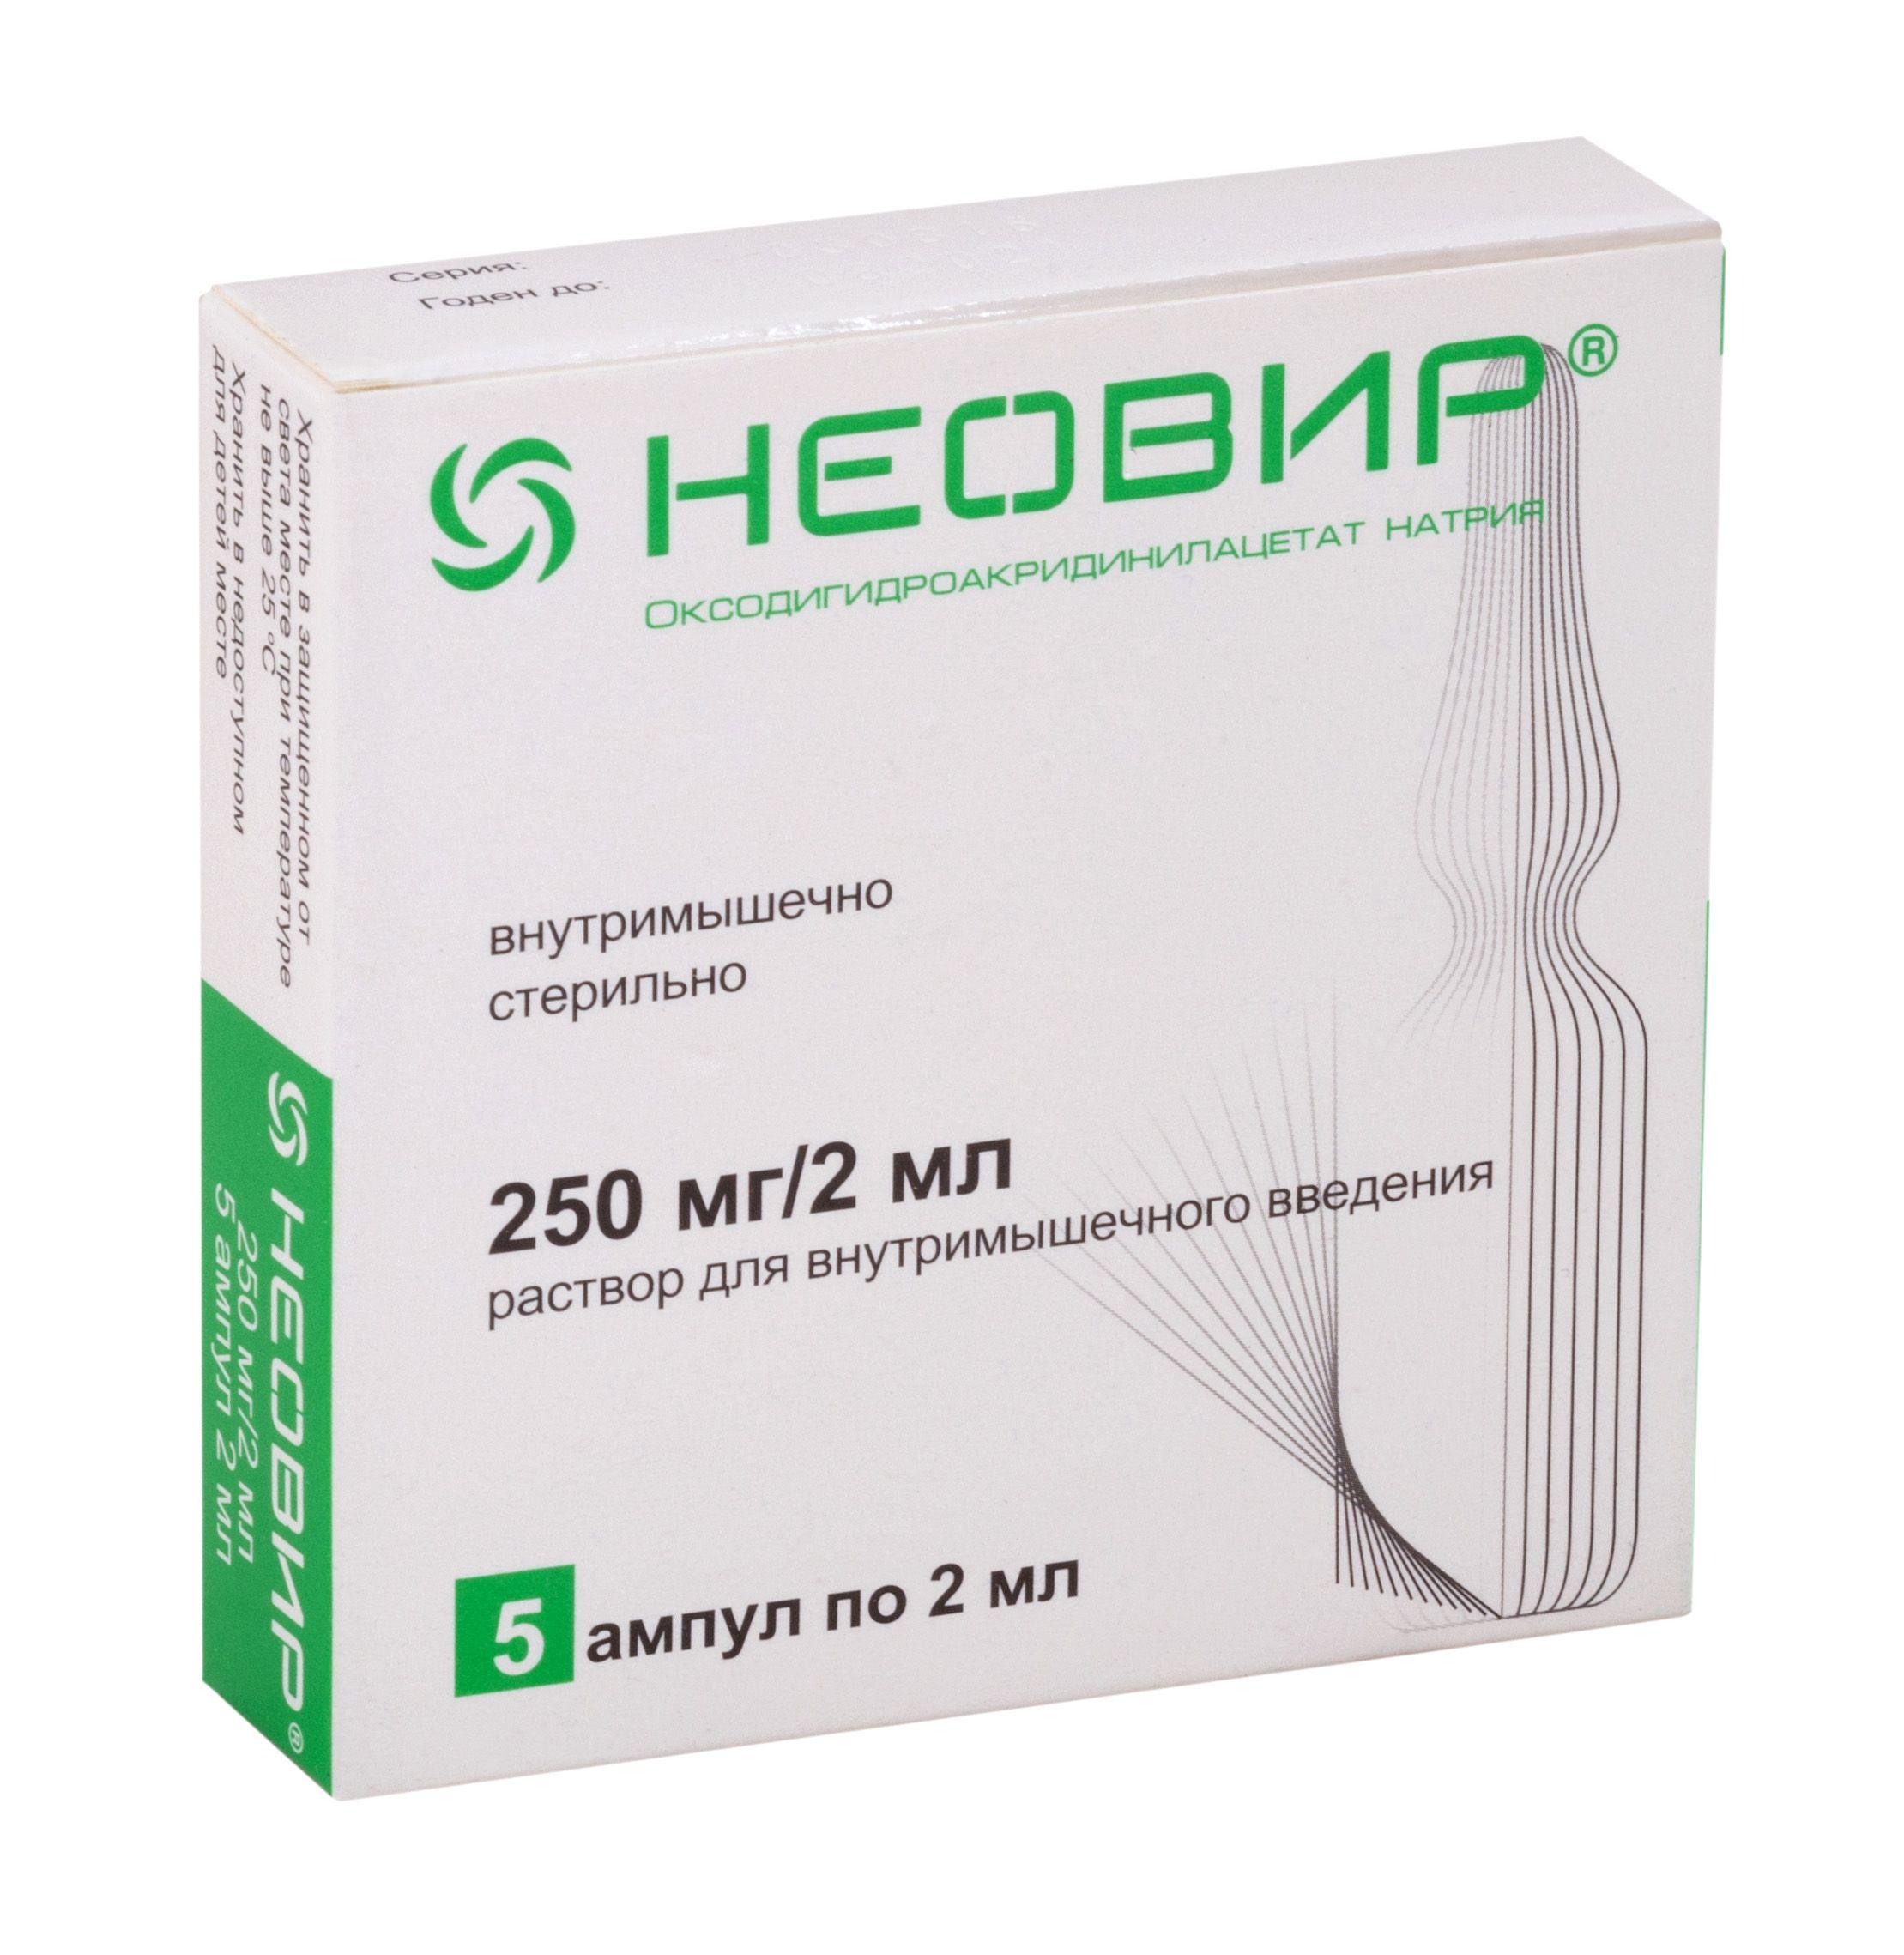 Персистирующий гепатит лекарства